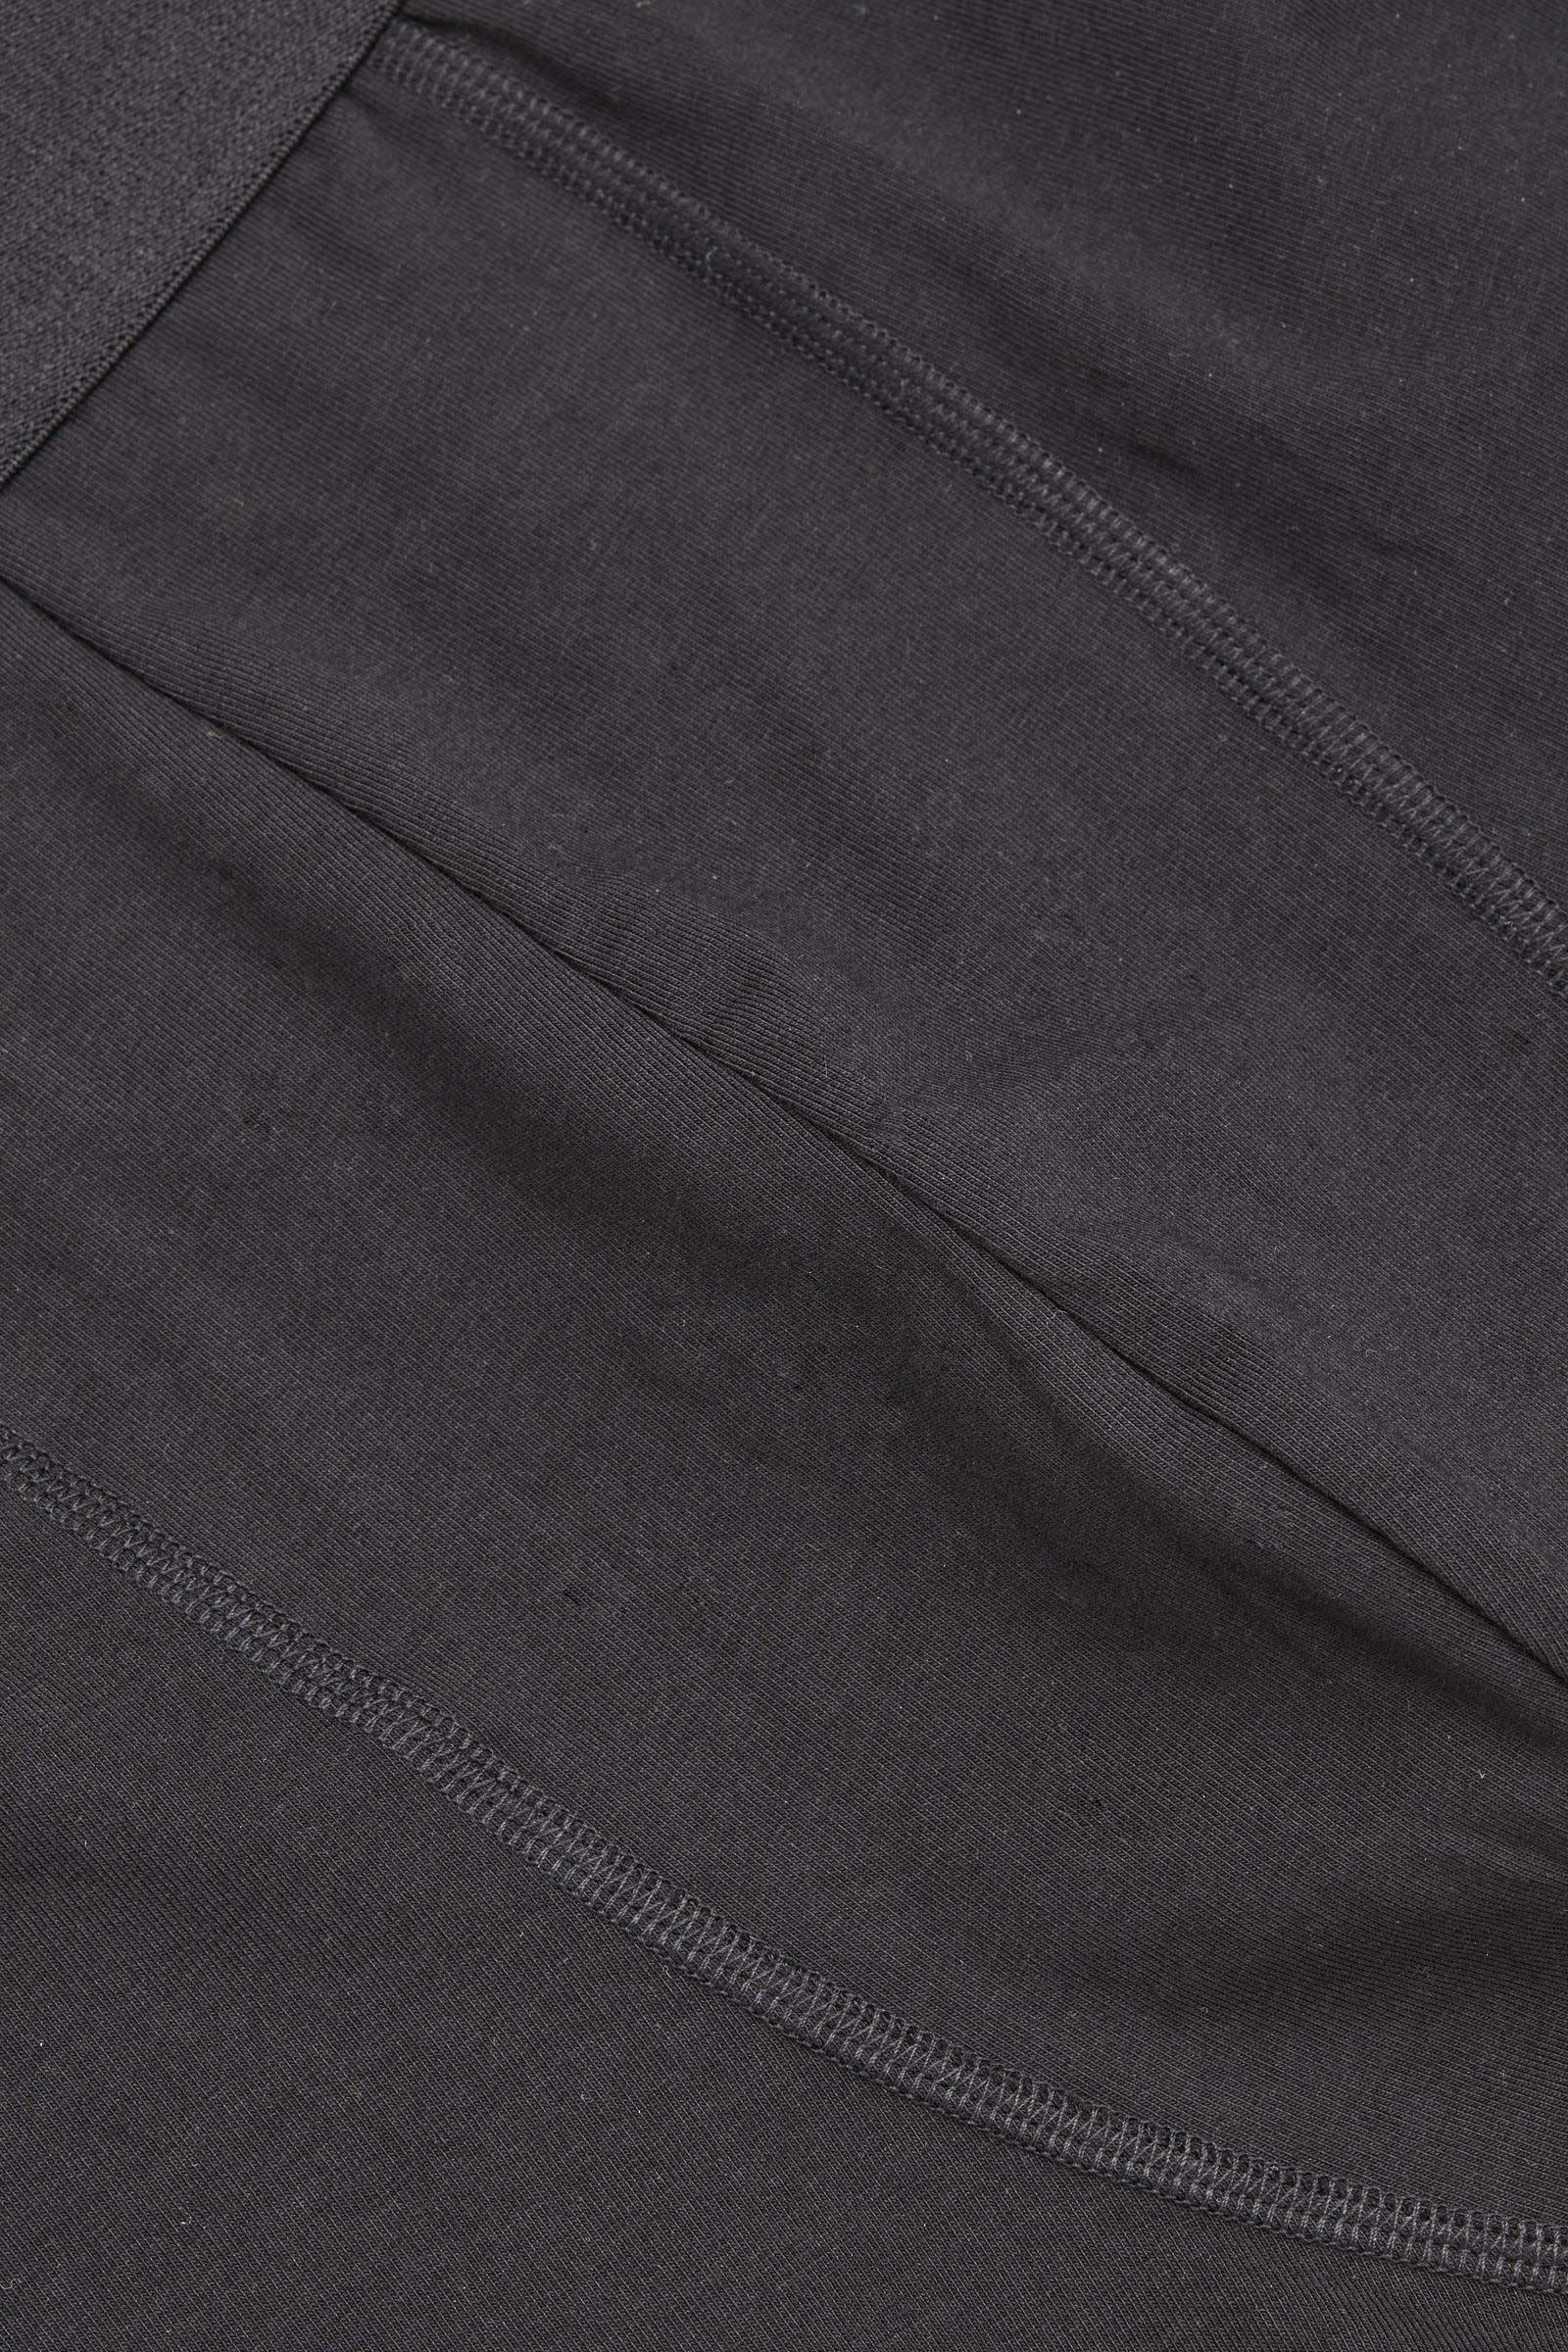 COS 오가닉 코튼 박서 브리프 2장 세트의 블랙컬러 Product입니다.